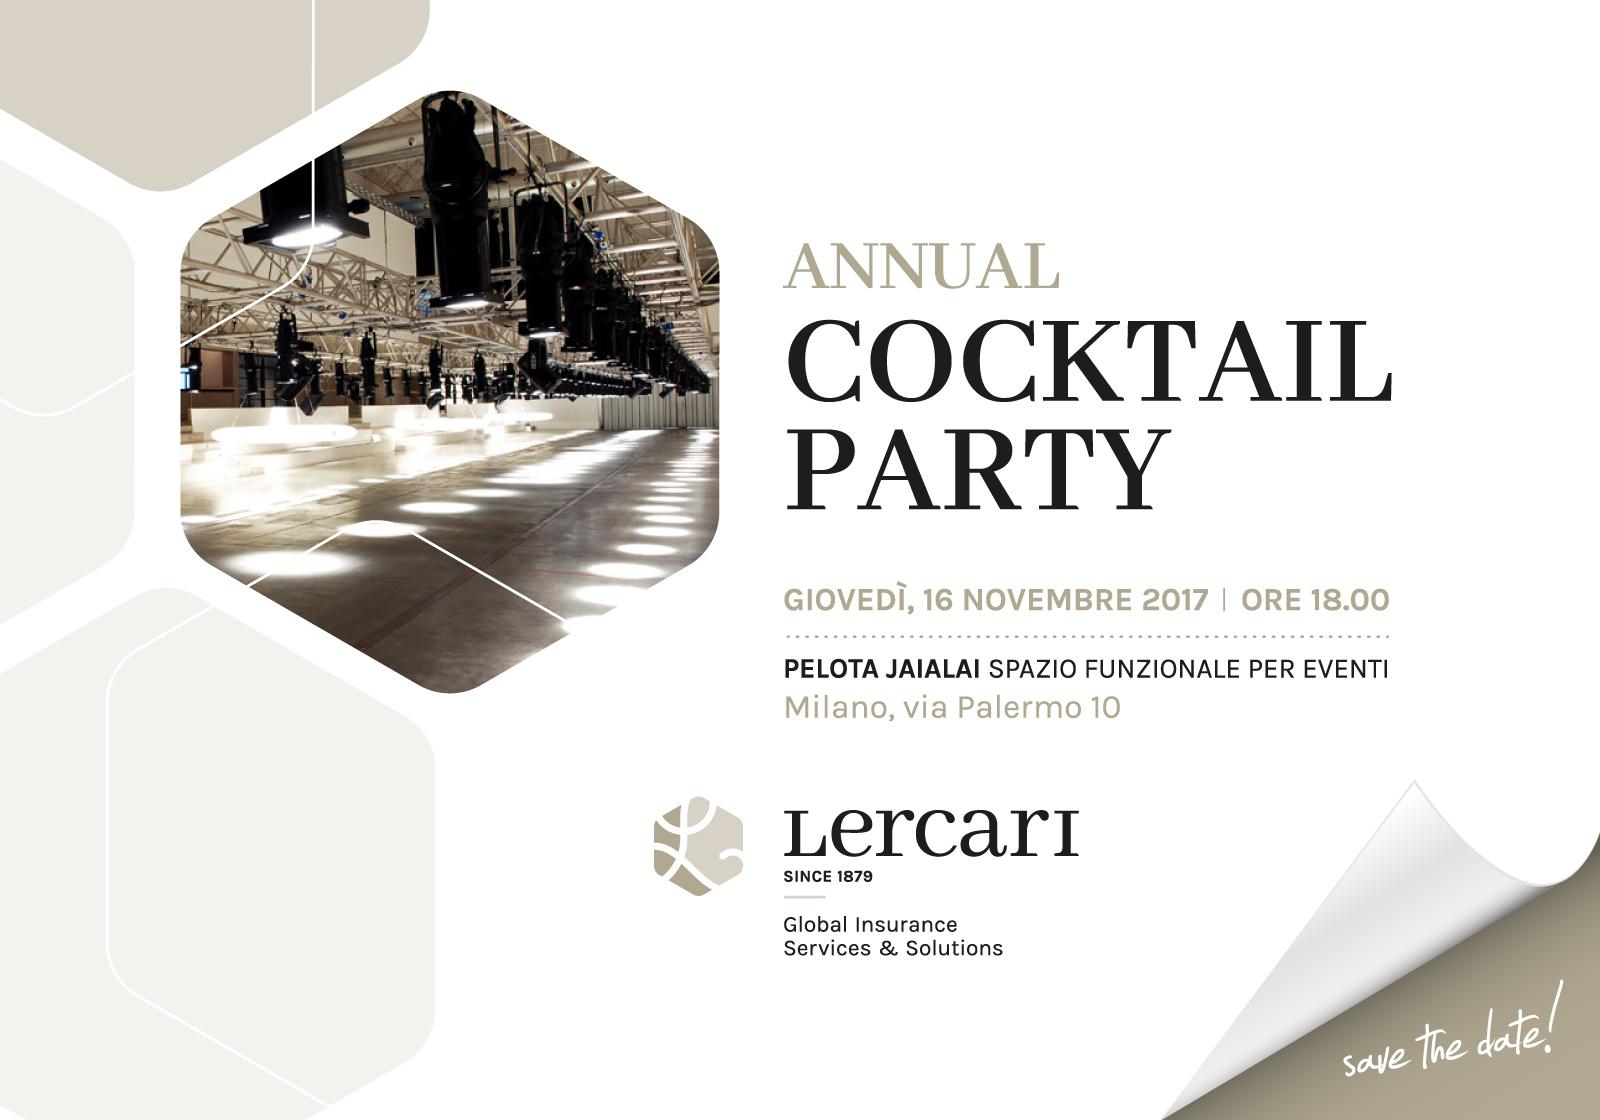 COCKTAIL PARTY GRUPPO LERCARI, GIOVEDI' 16 NOVEMBRE 2017 – LA PELOTA, MILANO